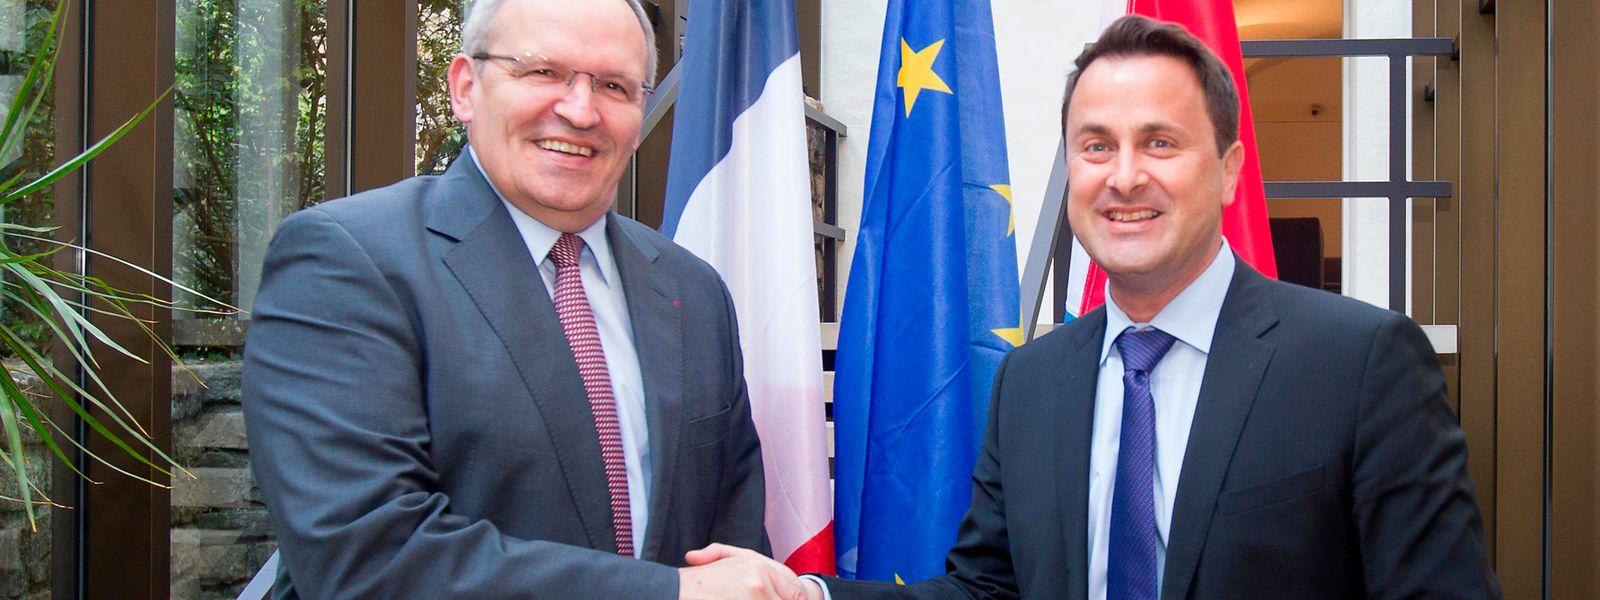 Le président du département de la Moselle, Patrick Weiten, souhaite aussi embrayer sur la proposition de Xavier Bettel d'ouvrir un centre de formation pour personnels infirmiers.